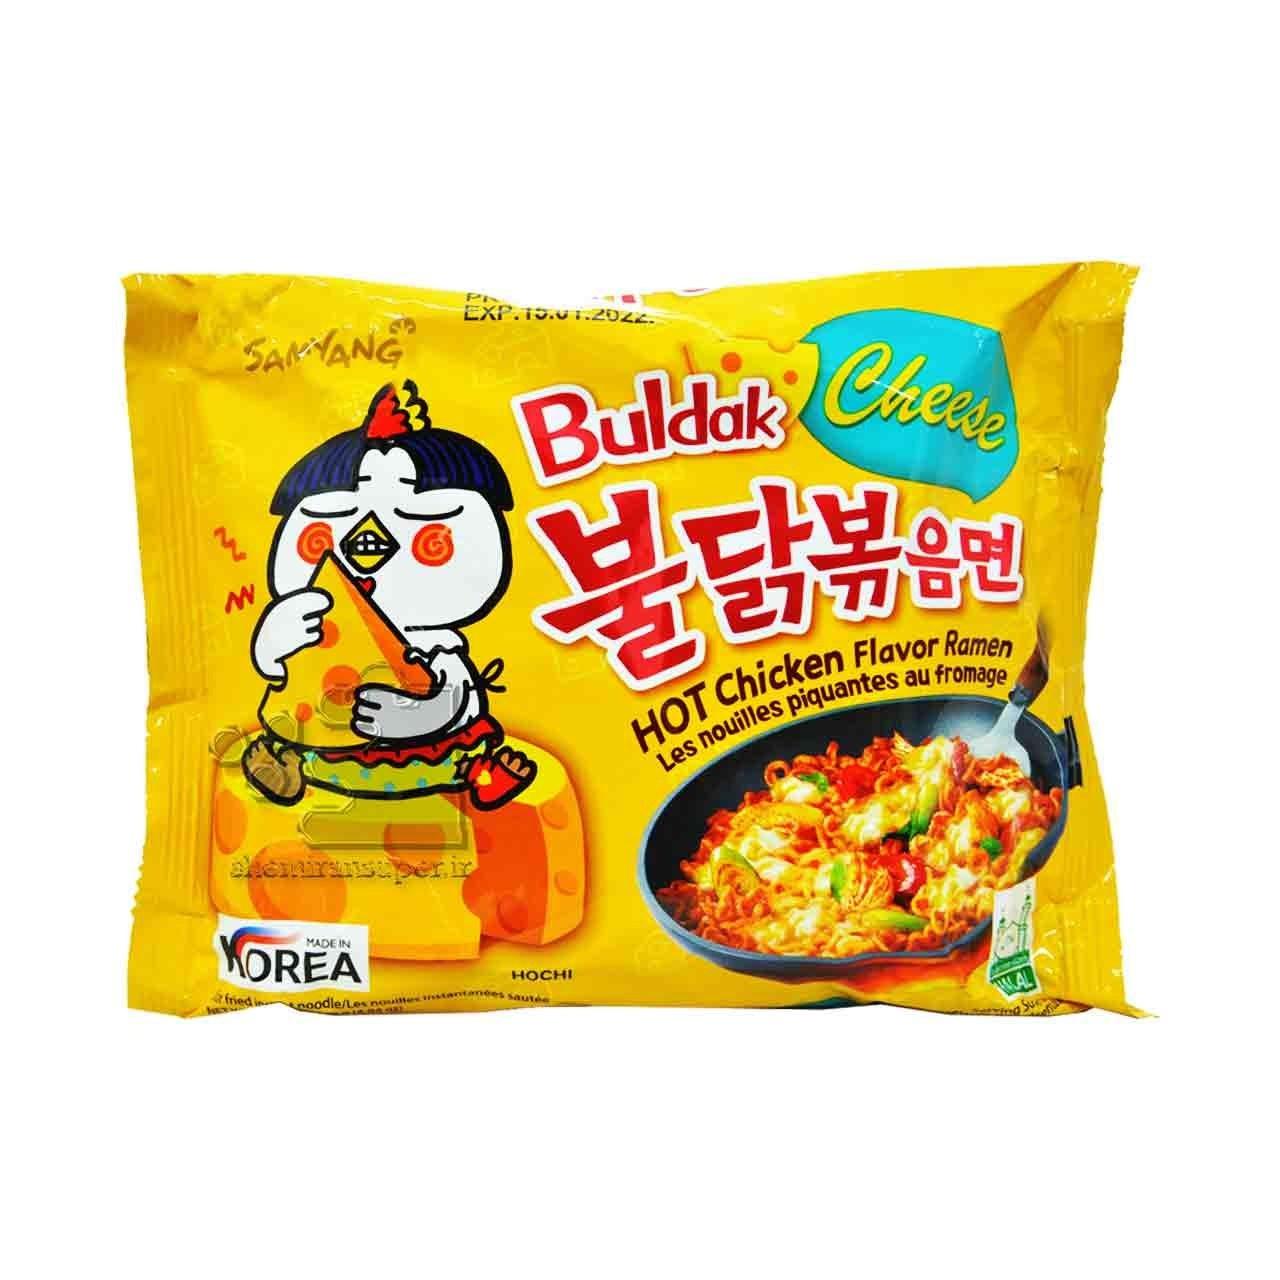 تصویر نودل کره ای (رامن ) طعم مرغ تند پنیری ۱۴۰ گرم بولداک سامیانگ – samyang